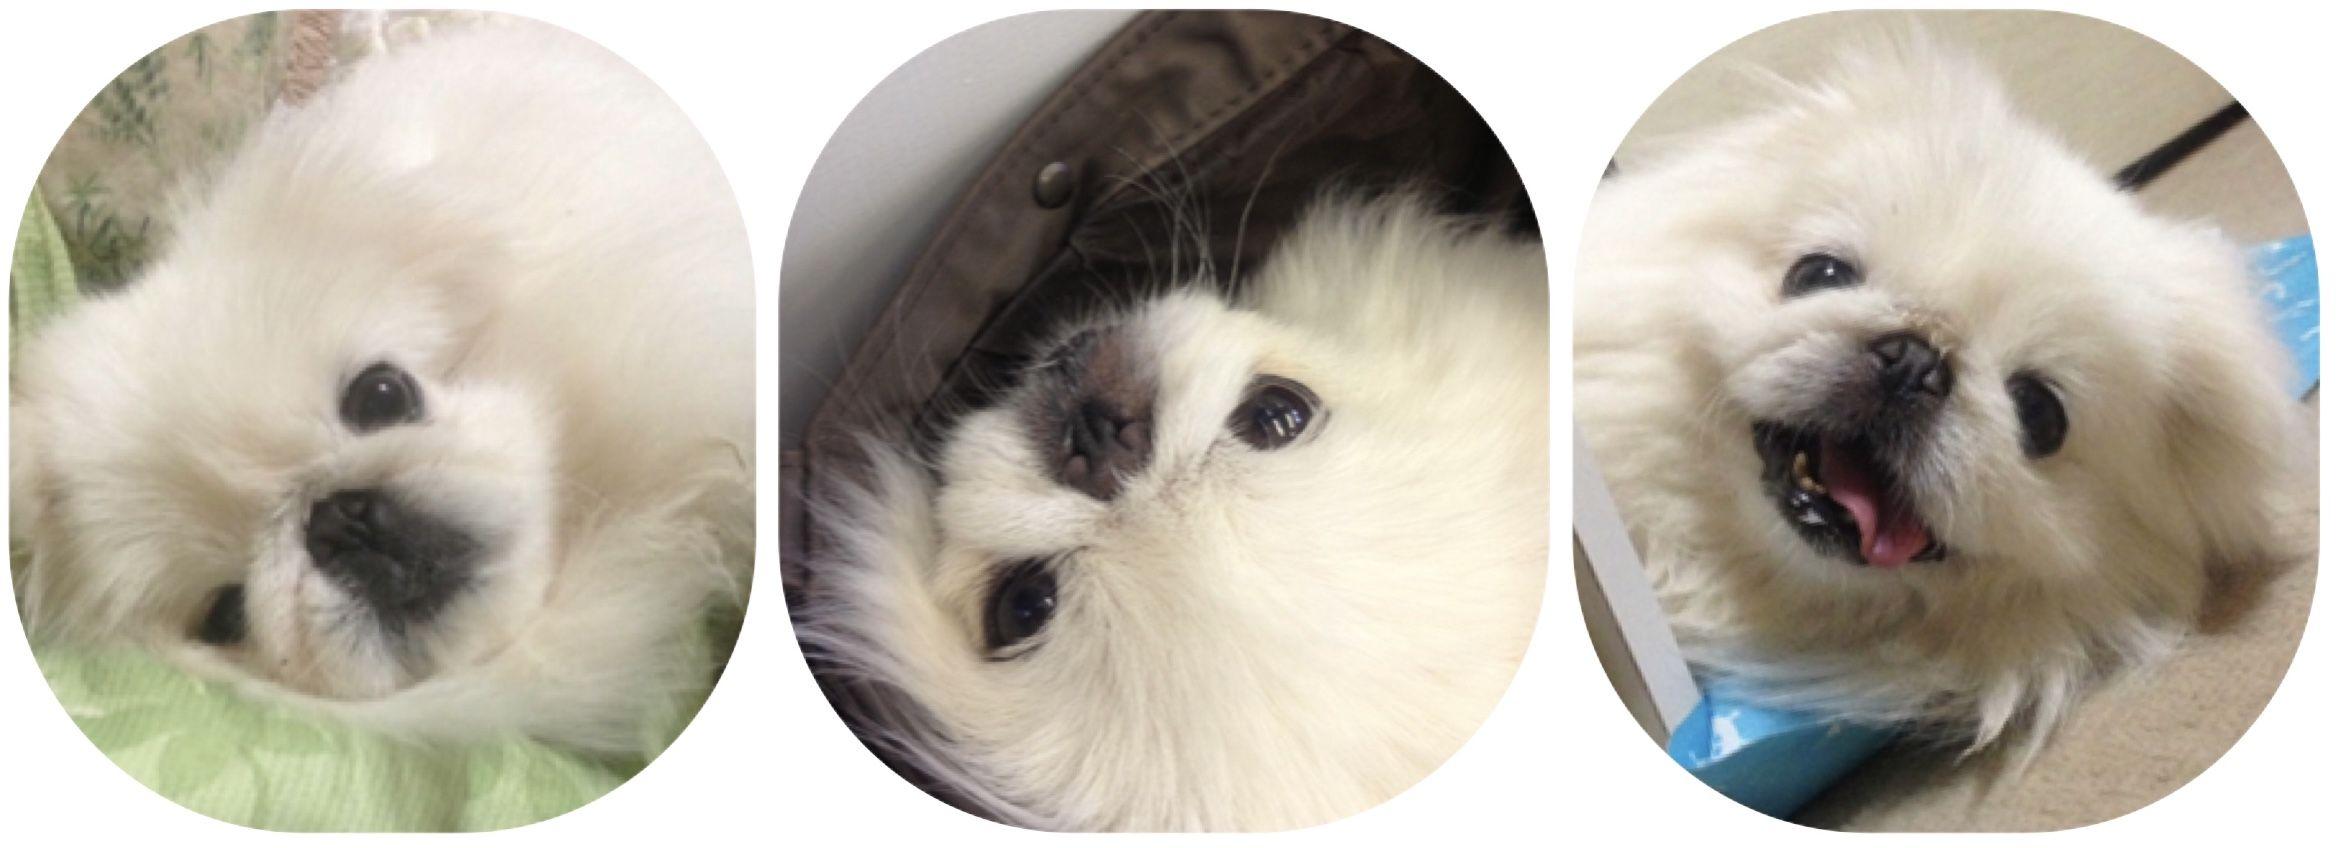 ペットの健康を守るホリスティックケア SINCERE(シンシア)